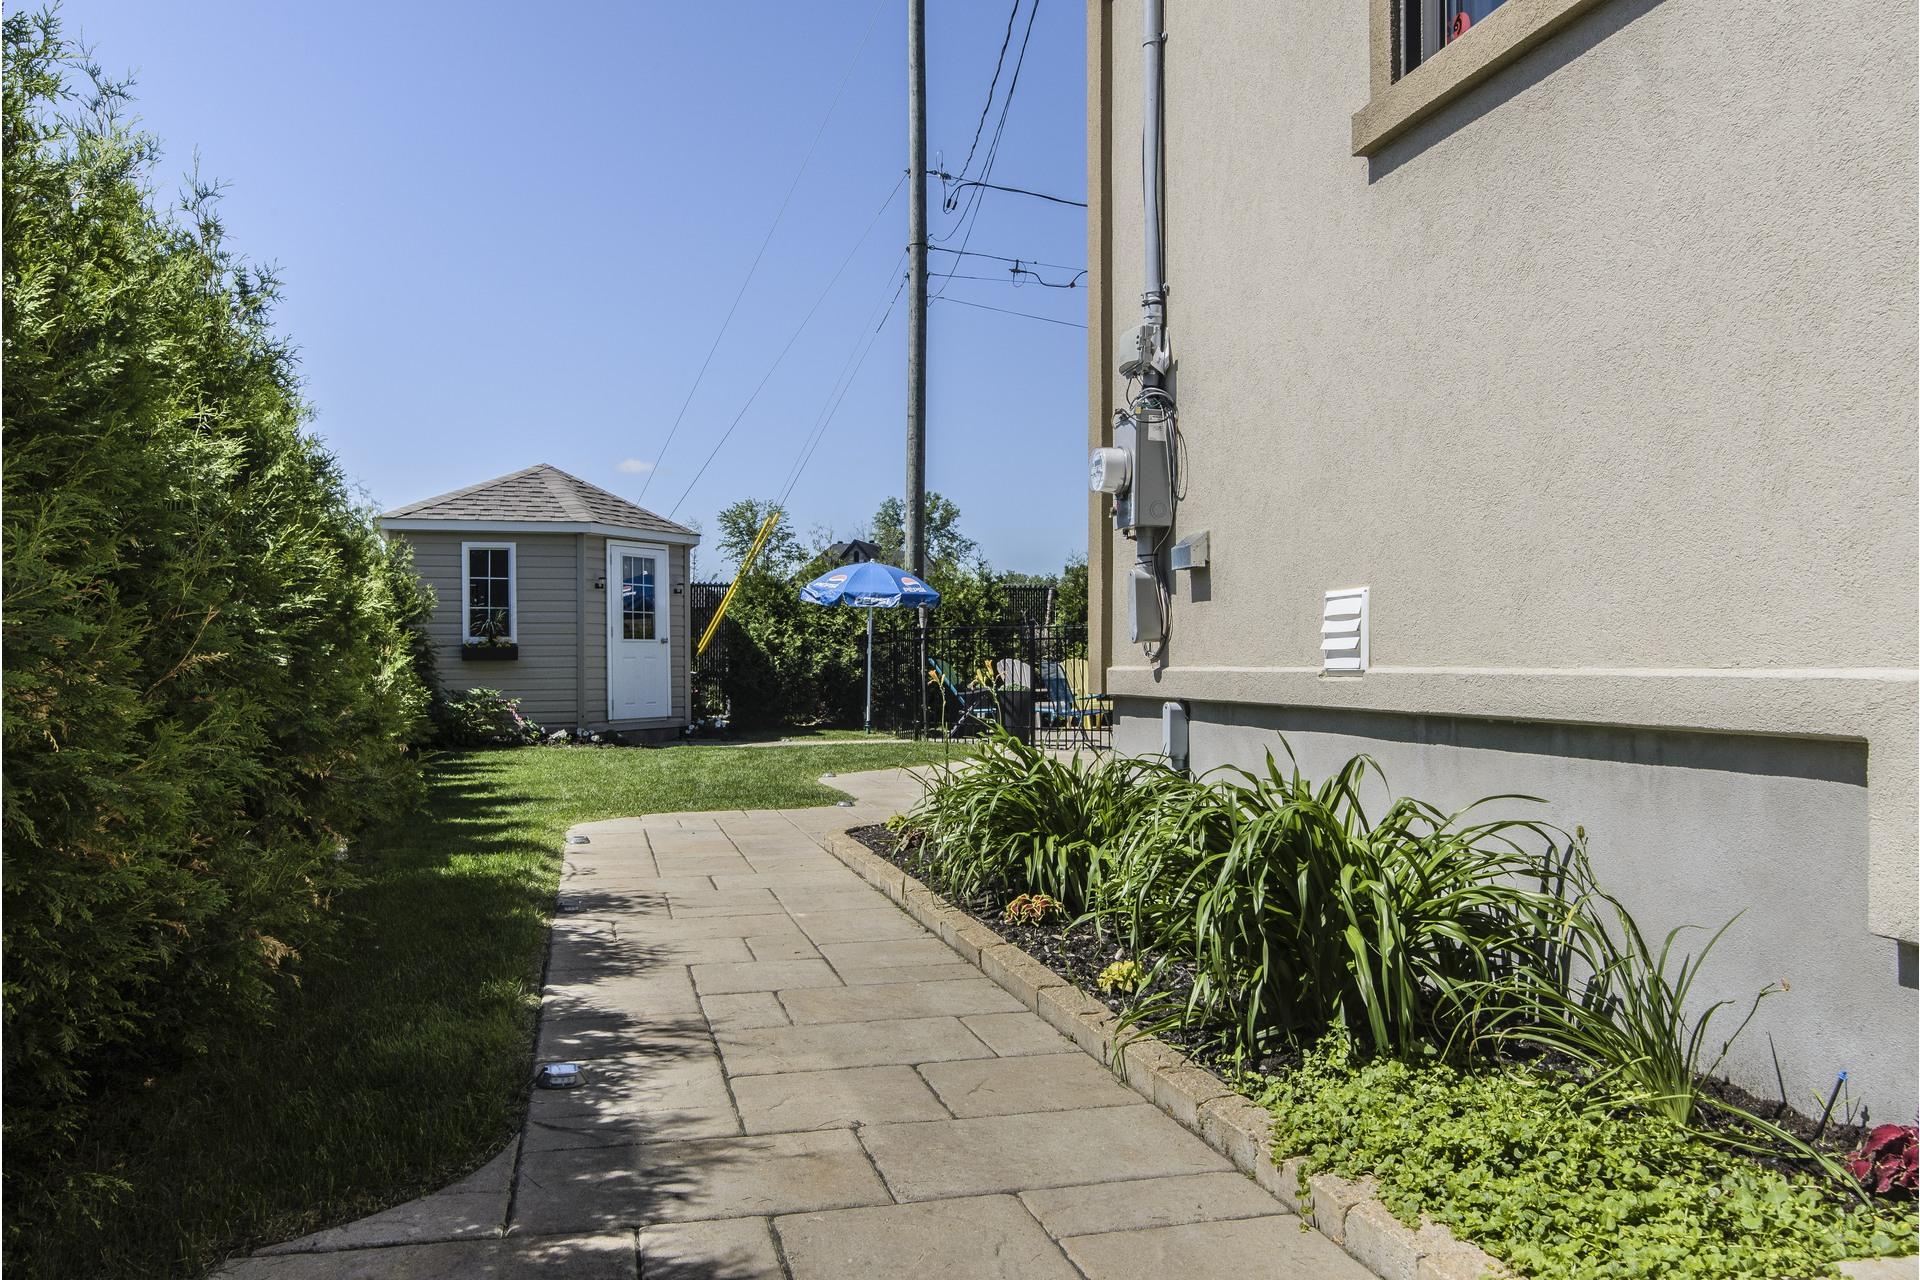 image 10 - House For sale Laval Sainte-Dorothée - 12 rooms